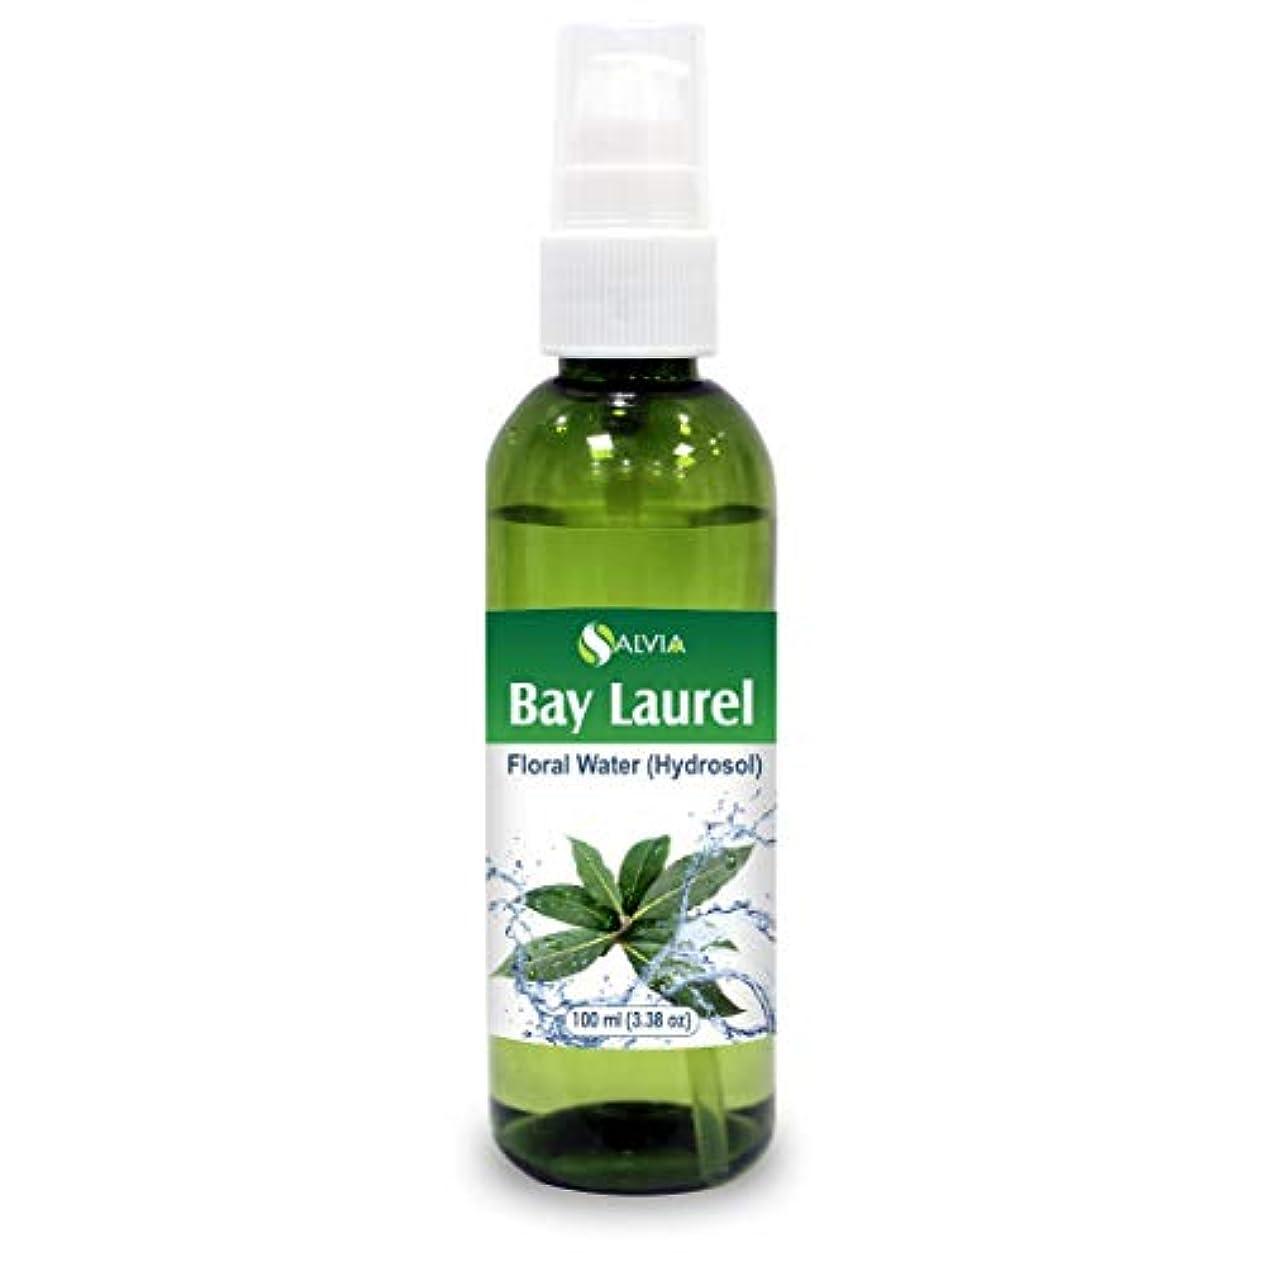 継承雨チャレンジBay Laurel Floral Water 100ml (Hydrosol) 100% Pure And Natural